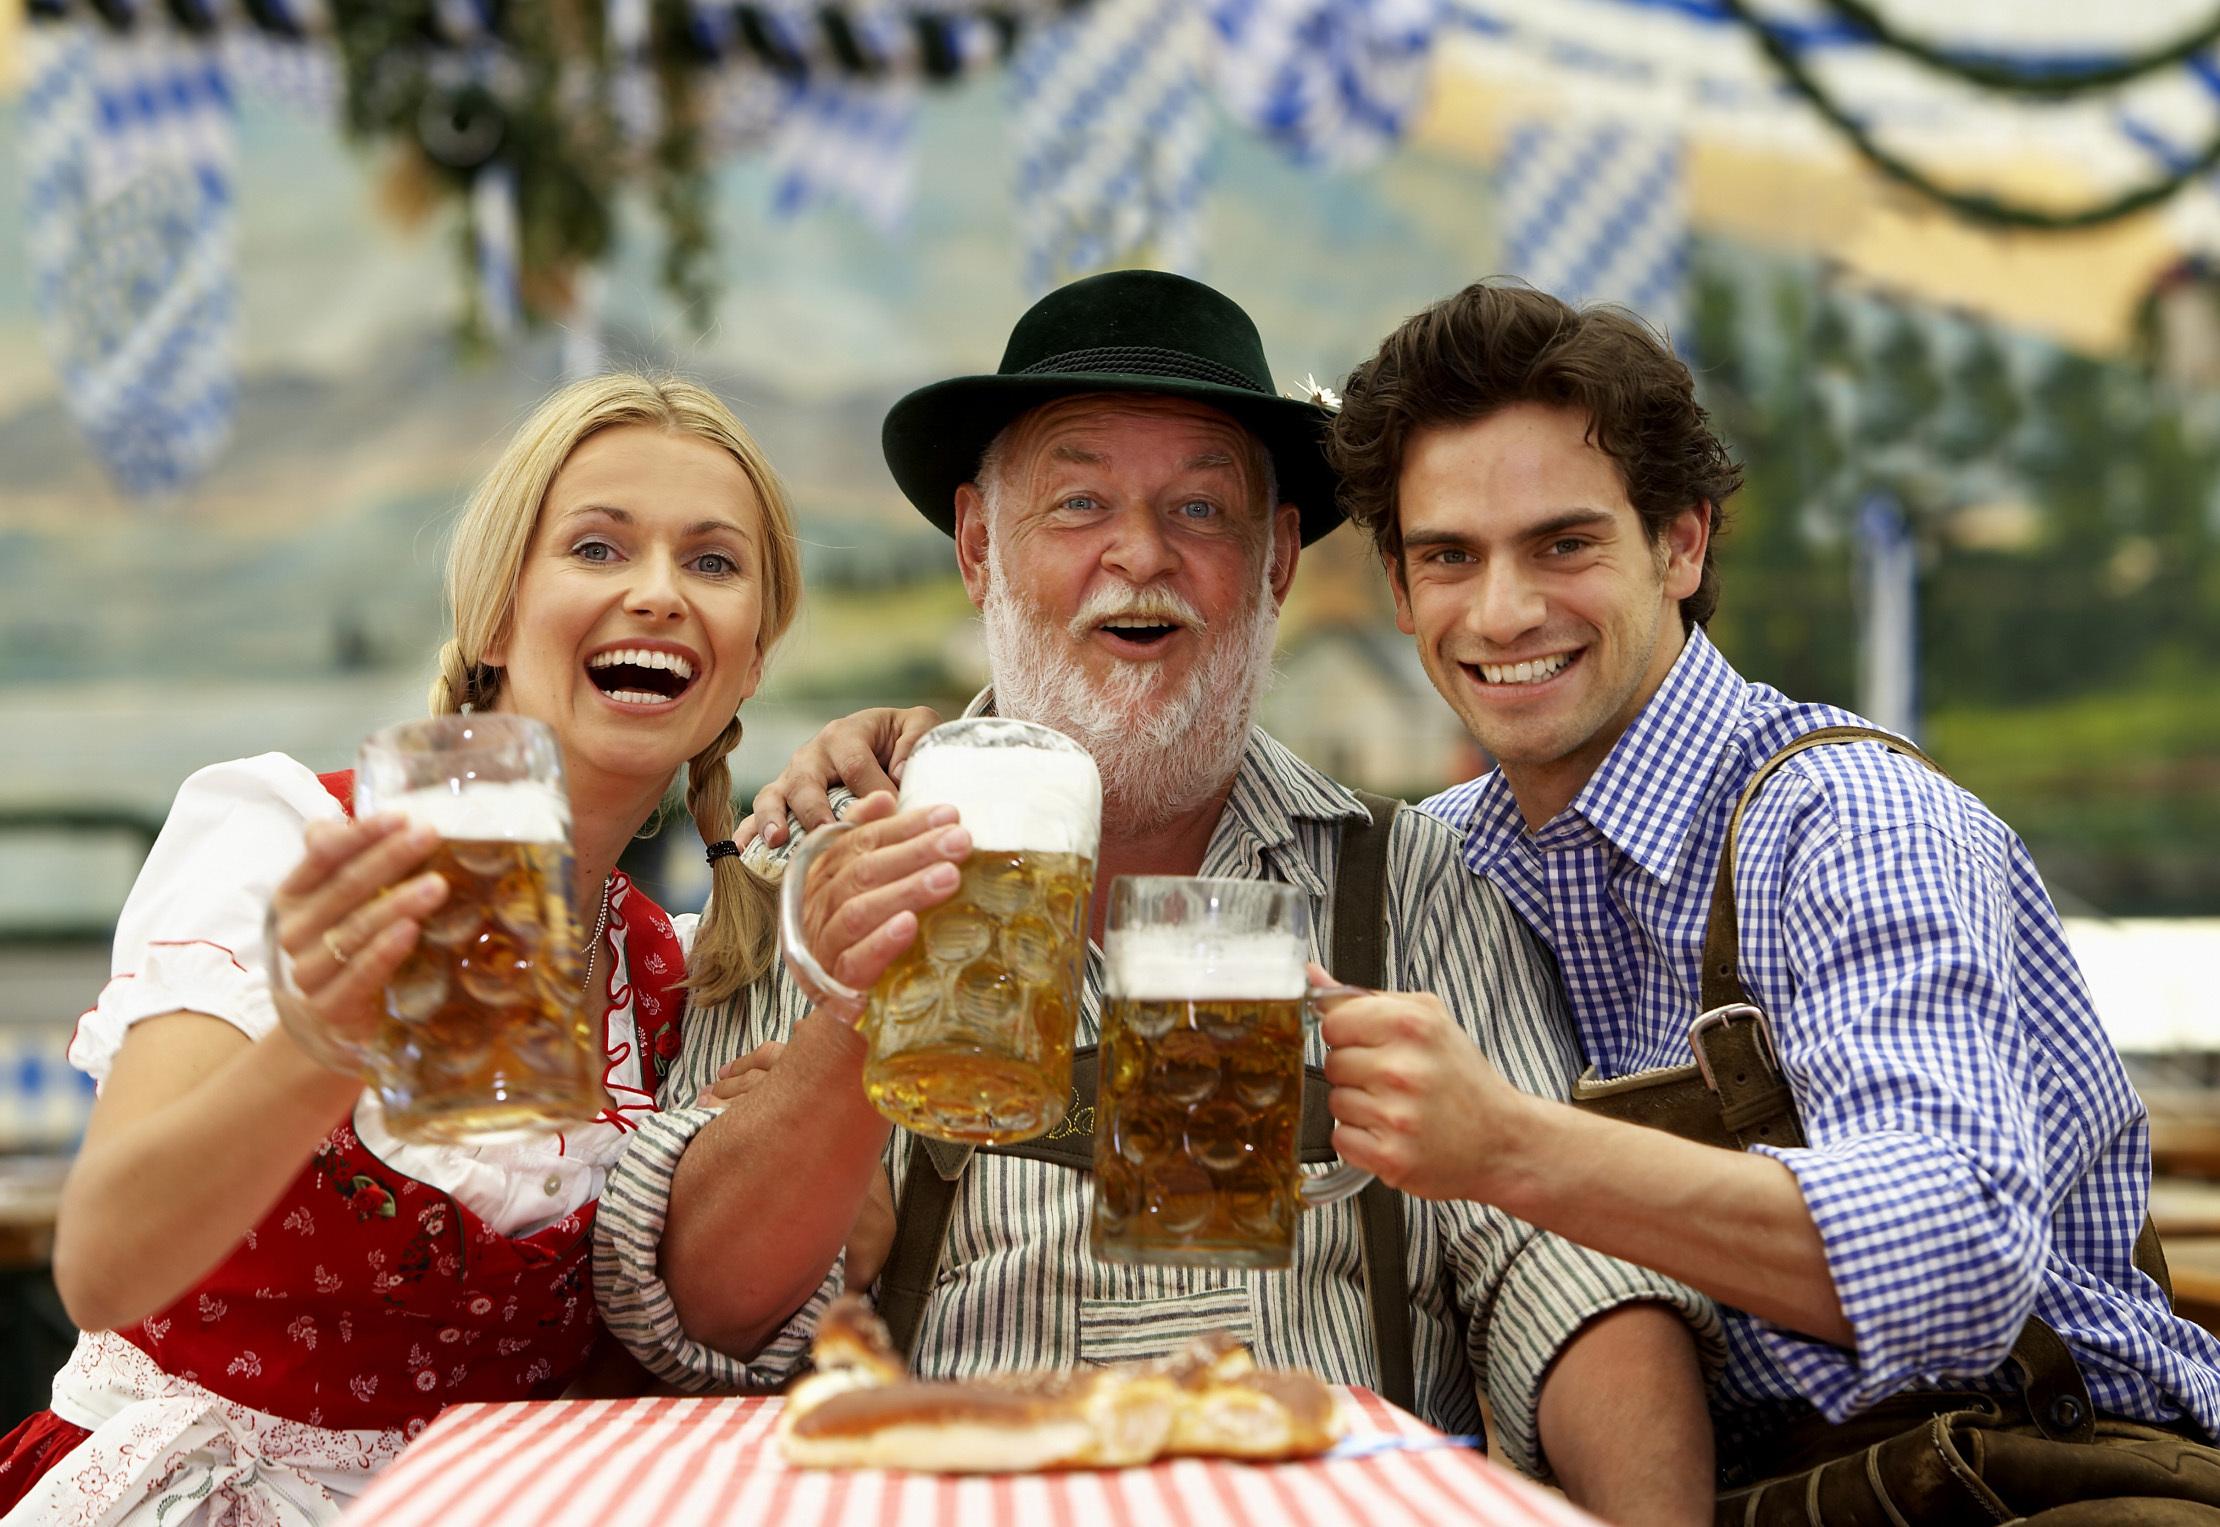 德国节日大全-肯定不会少了复活节和德国慕尼黑啤酒节-浙江义乌网